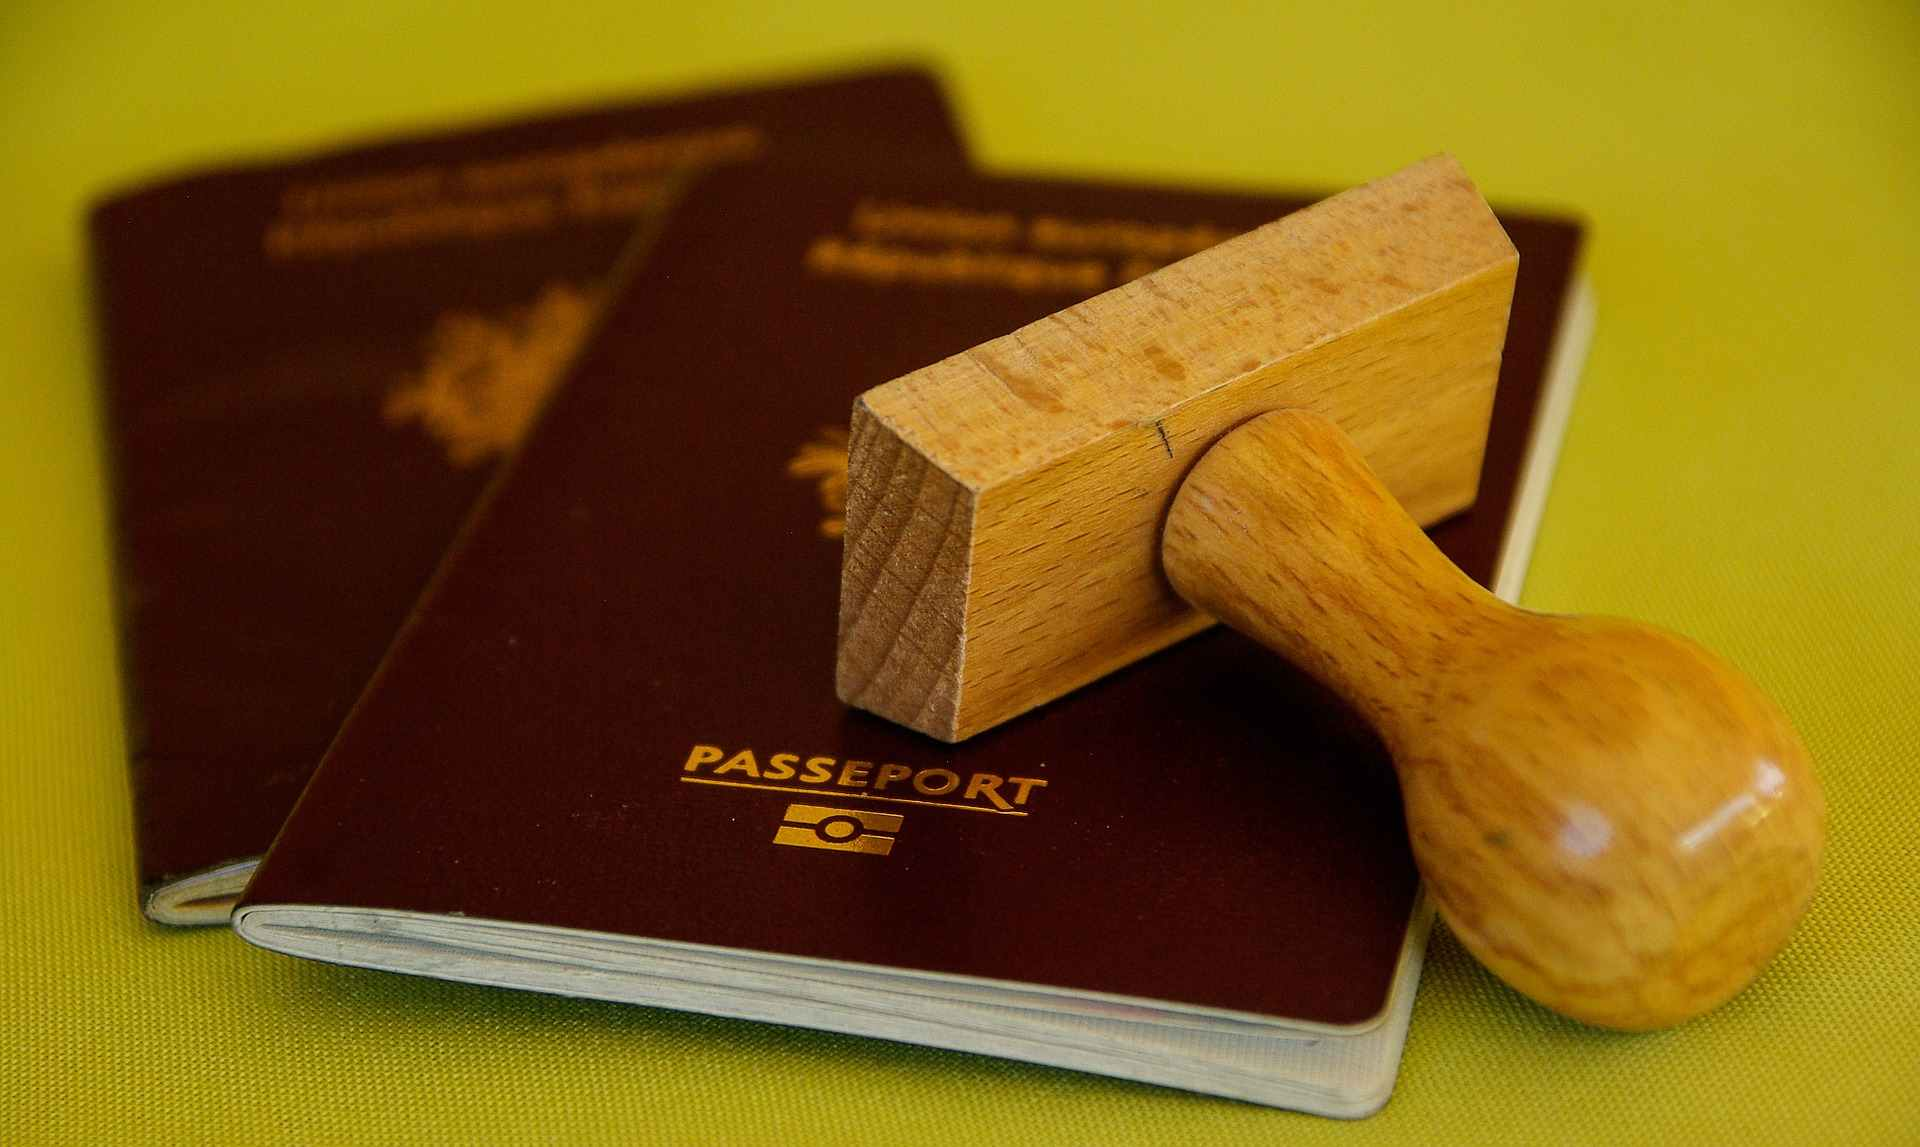 Visto europa: passaporte e um carimbo